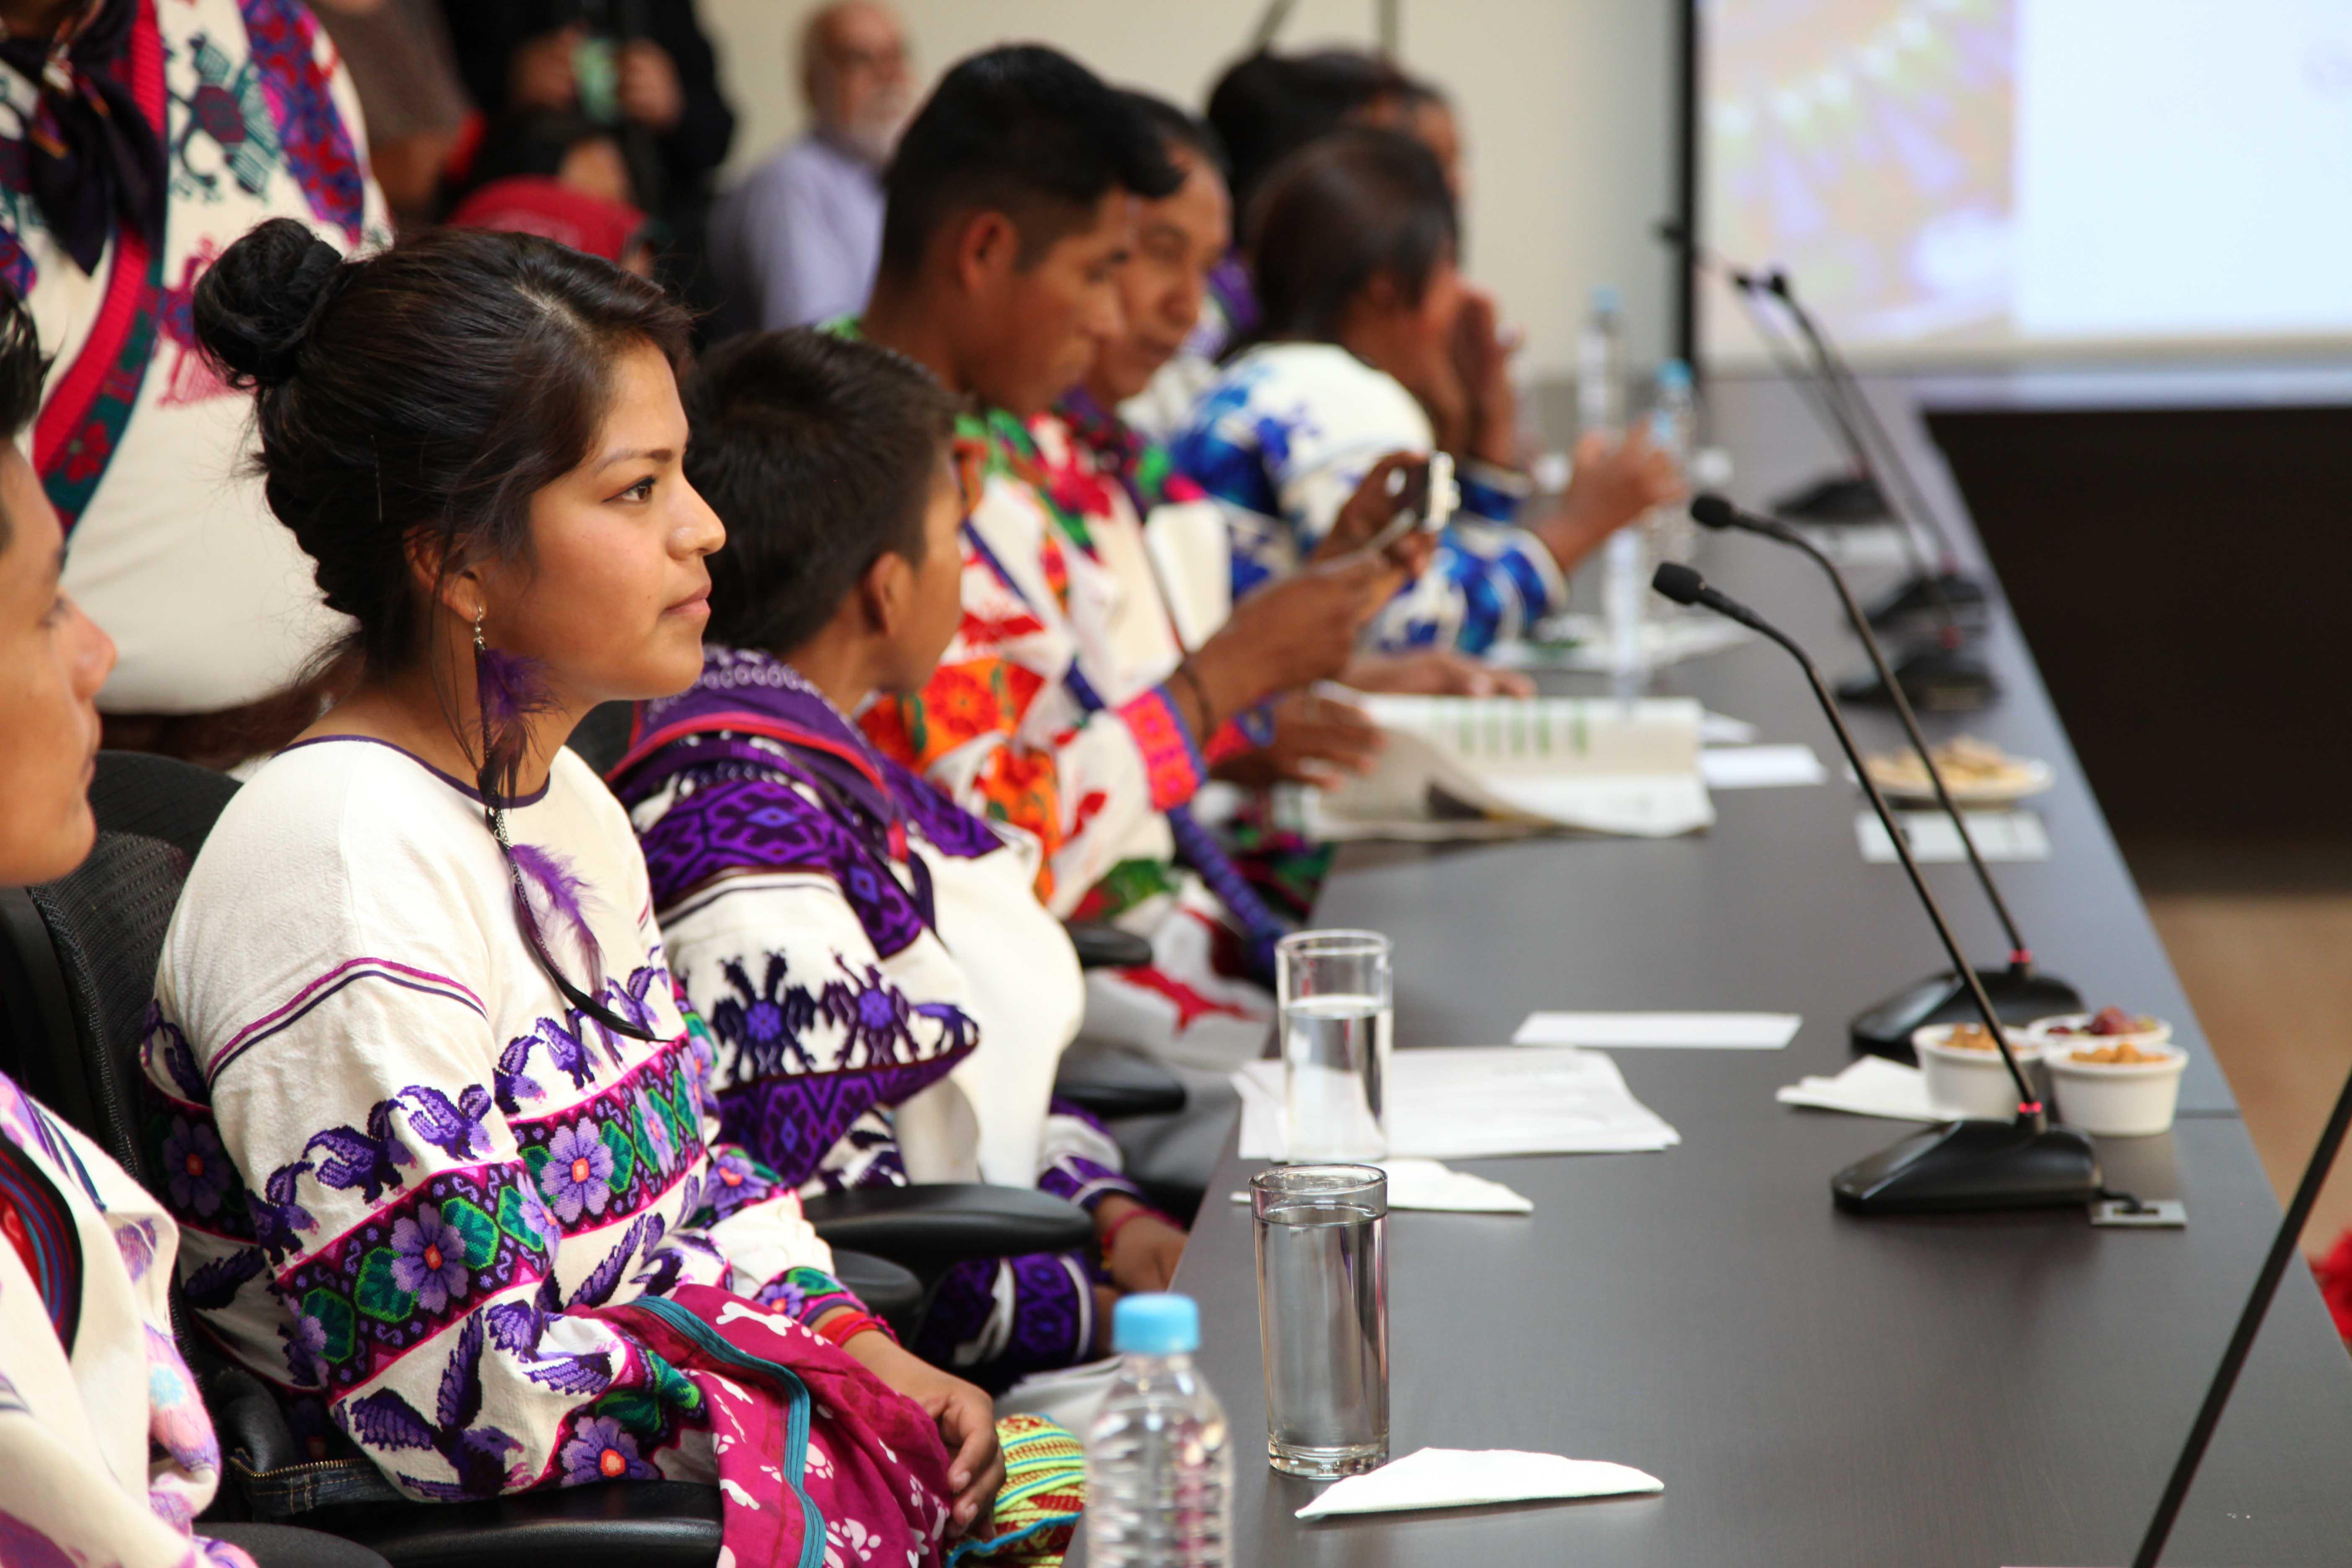 El Rector General tuvo una reunión con ellos. La comunidad indígena tiene interés en contar con una segunda preparatoria